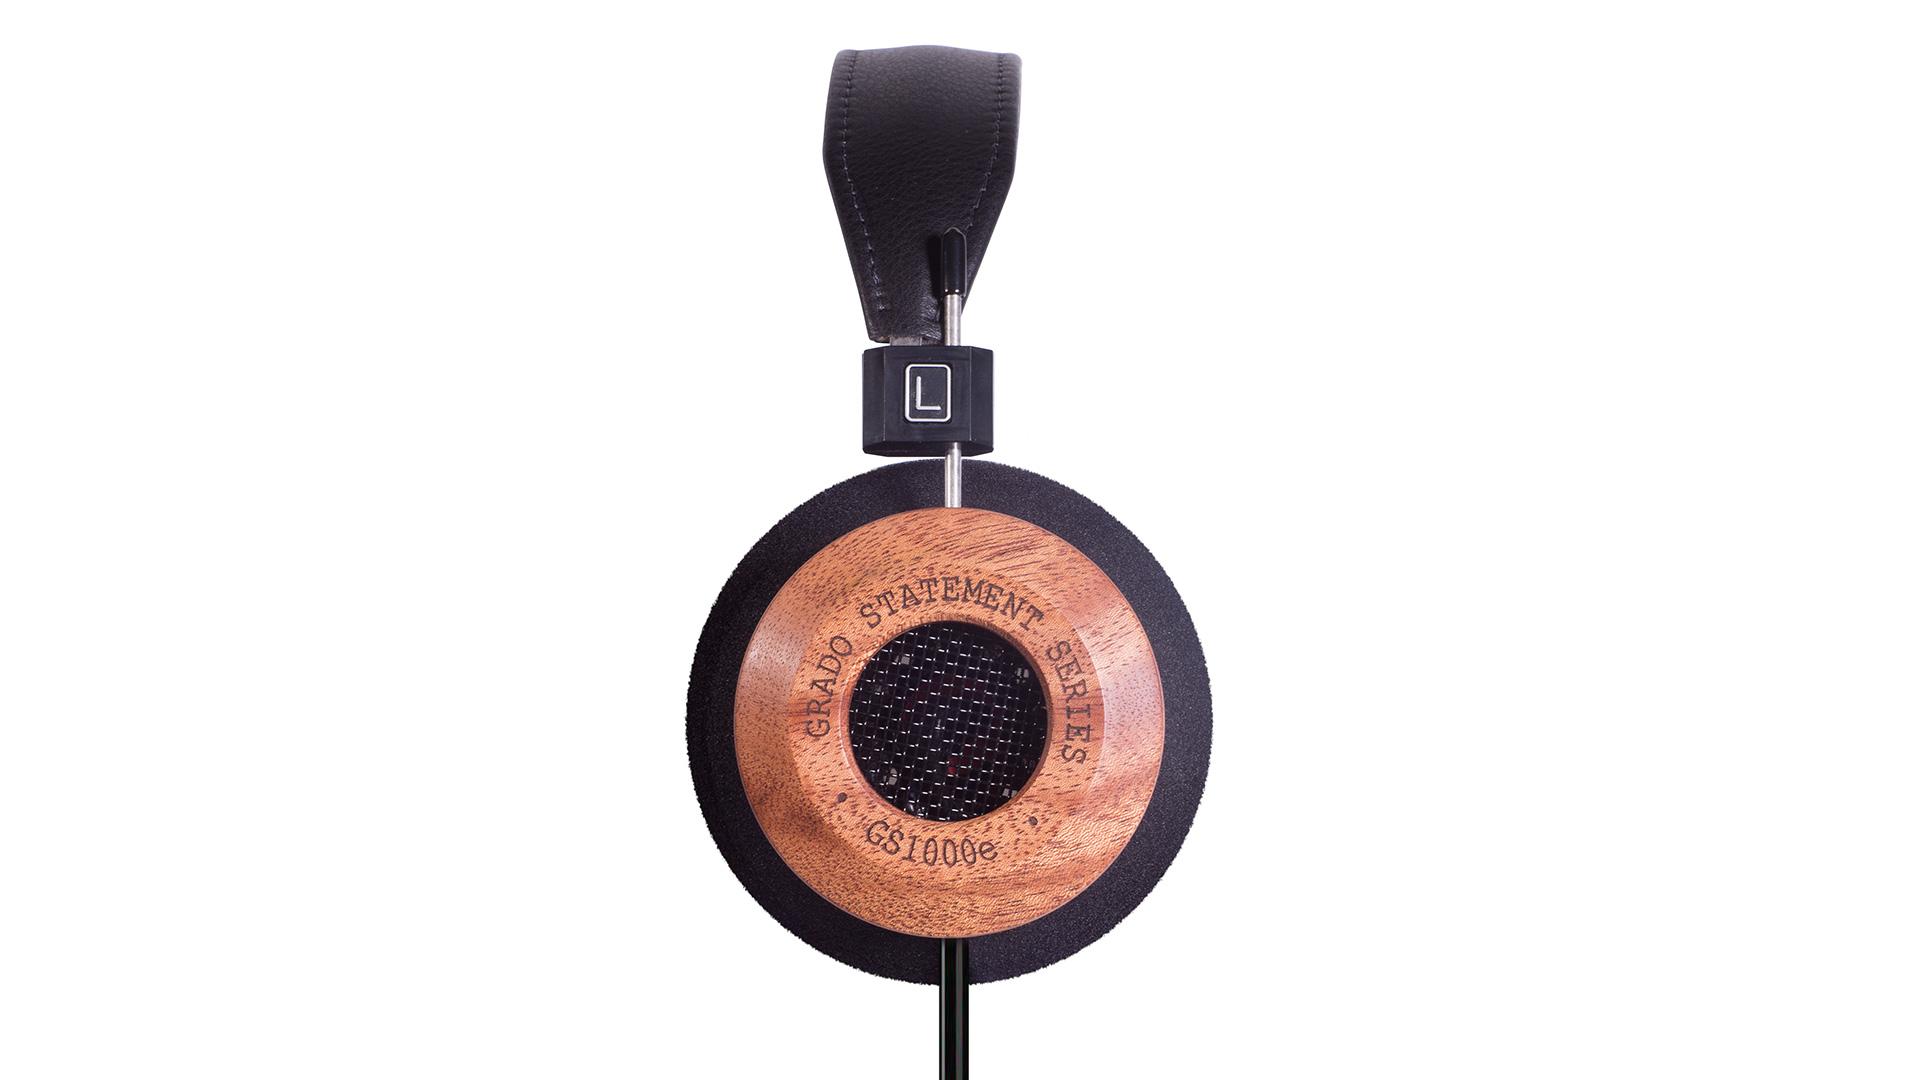 grado-headphones-gs1000e.jpg